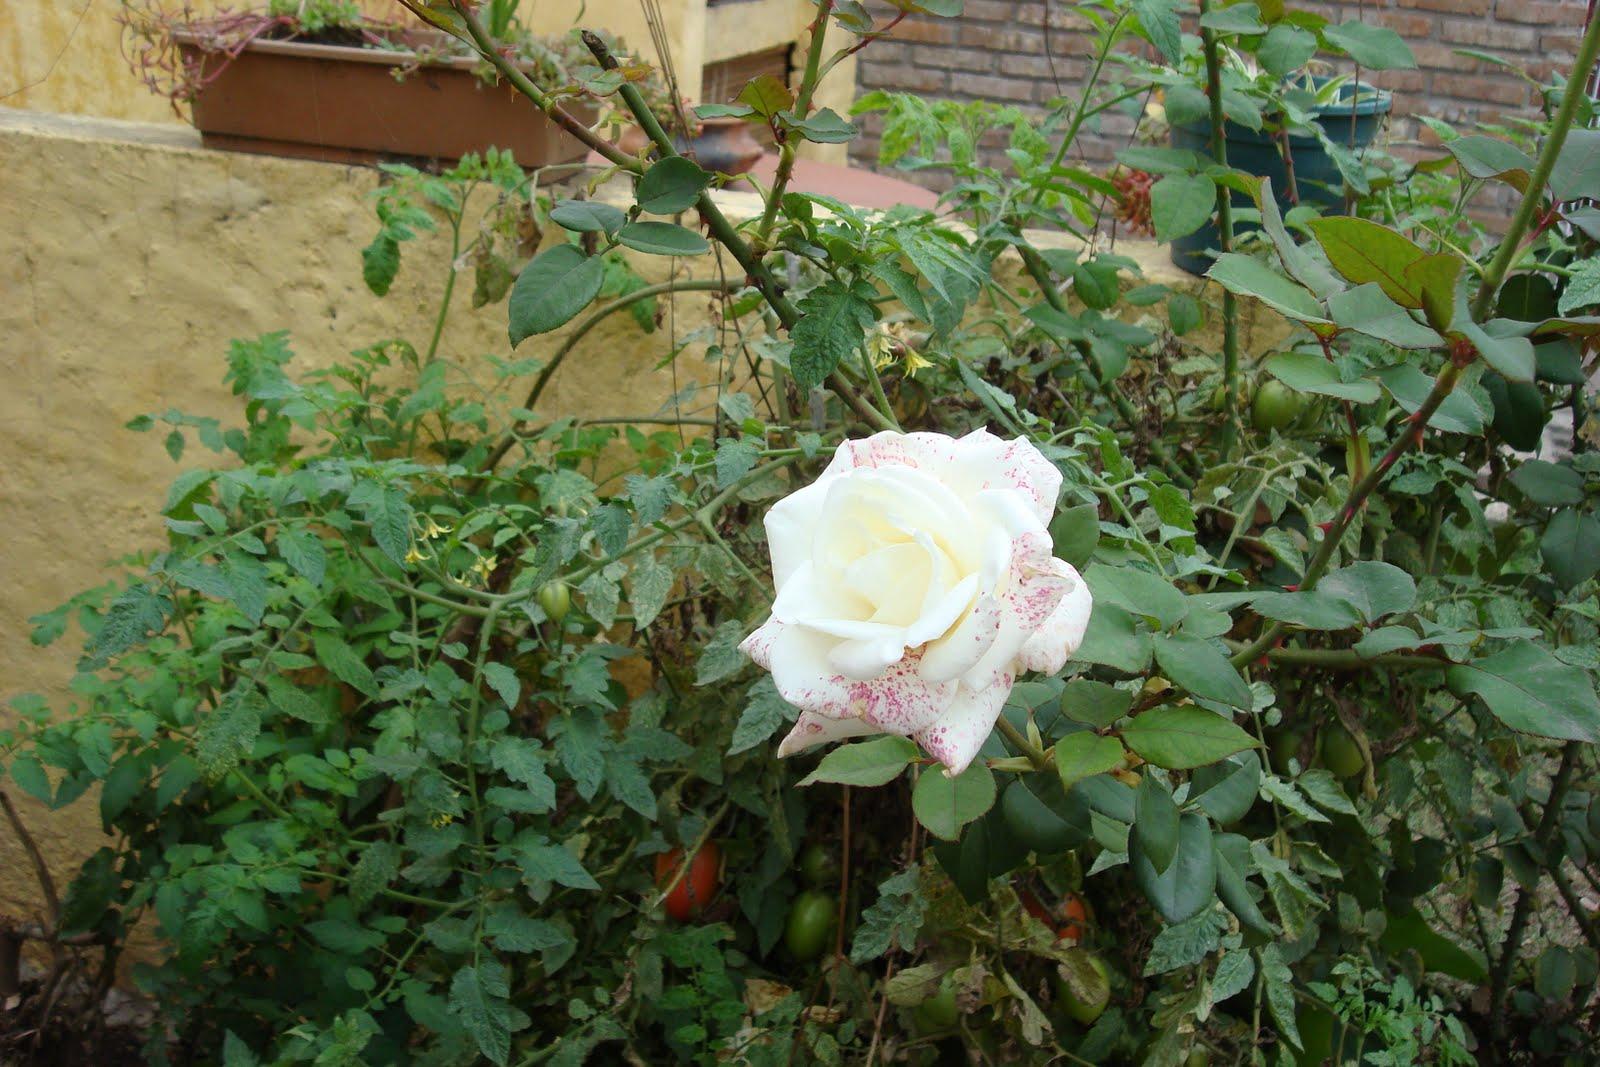 Taller el libro de arena rosas y tomates amor en el jard n for Amor en el jardin